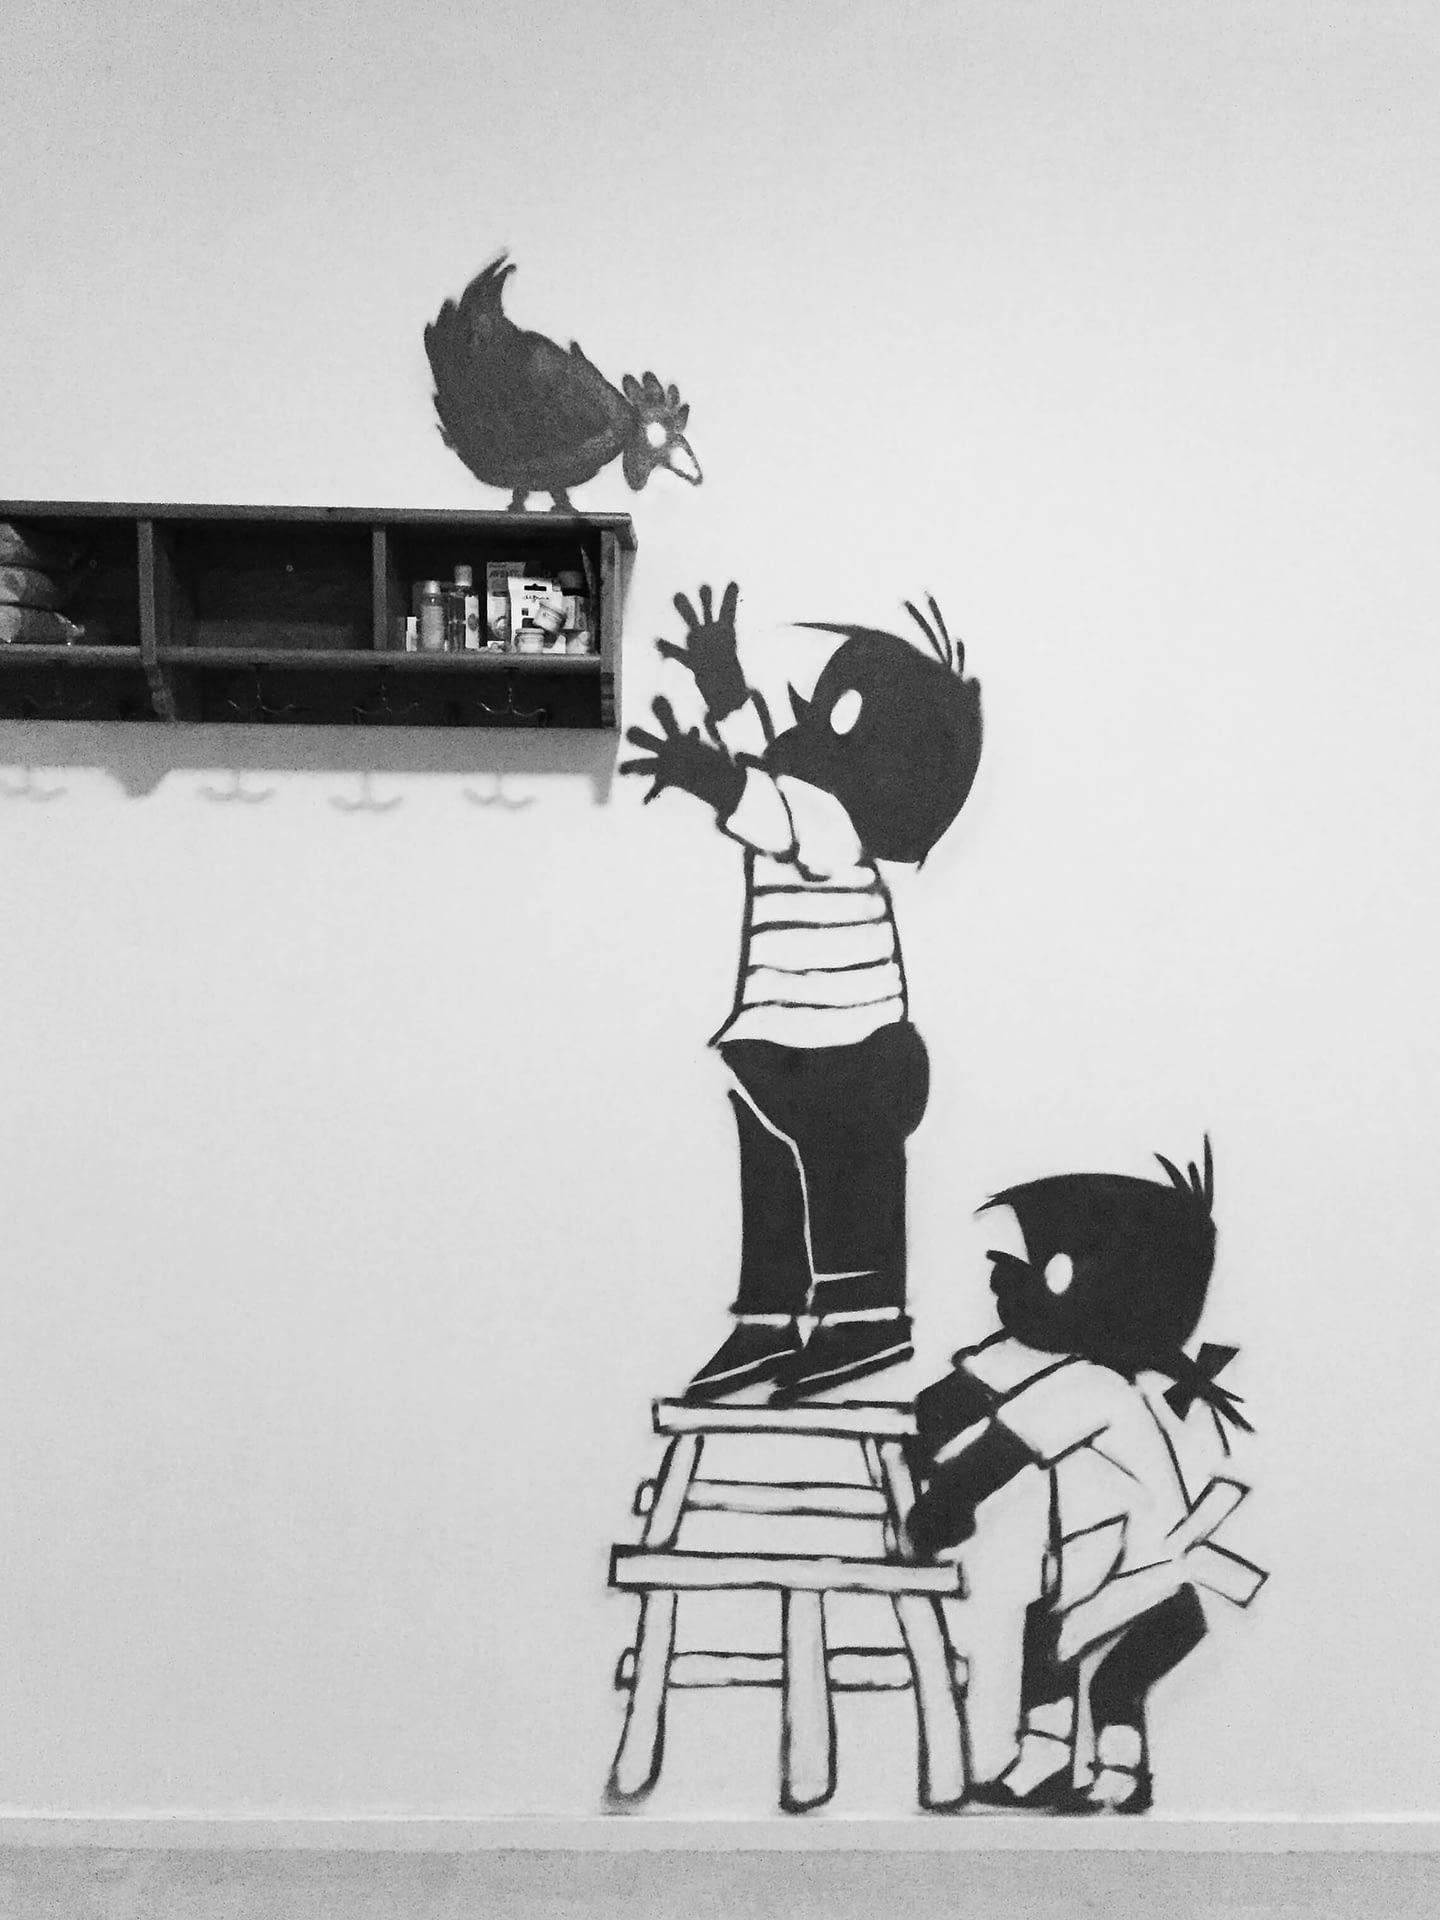 Jip en Janneke kinderkamer graffiti putten